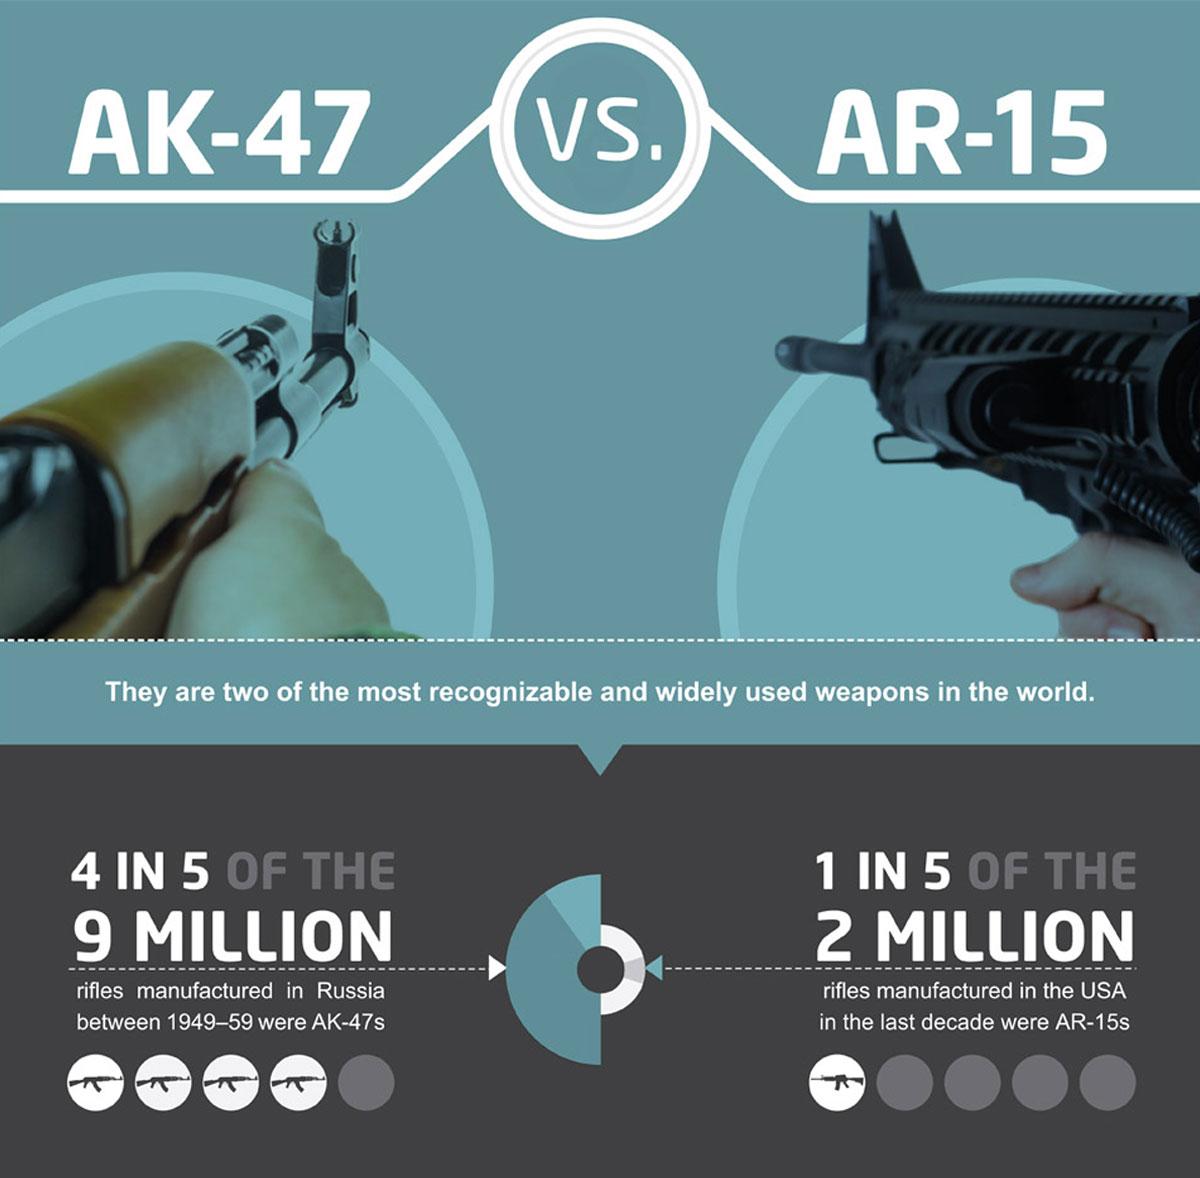 AK-47 vs. AR-15 Small Arms Showdown